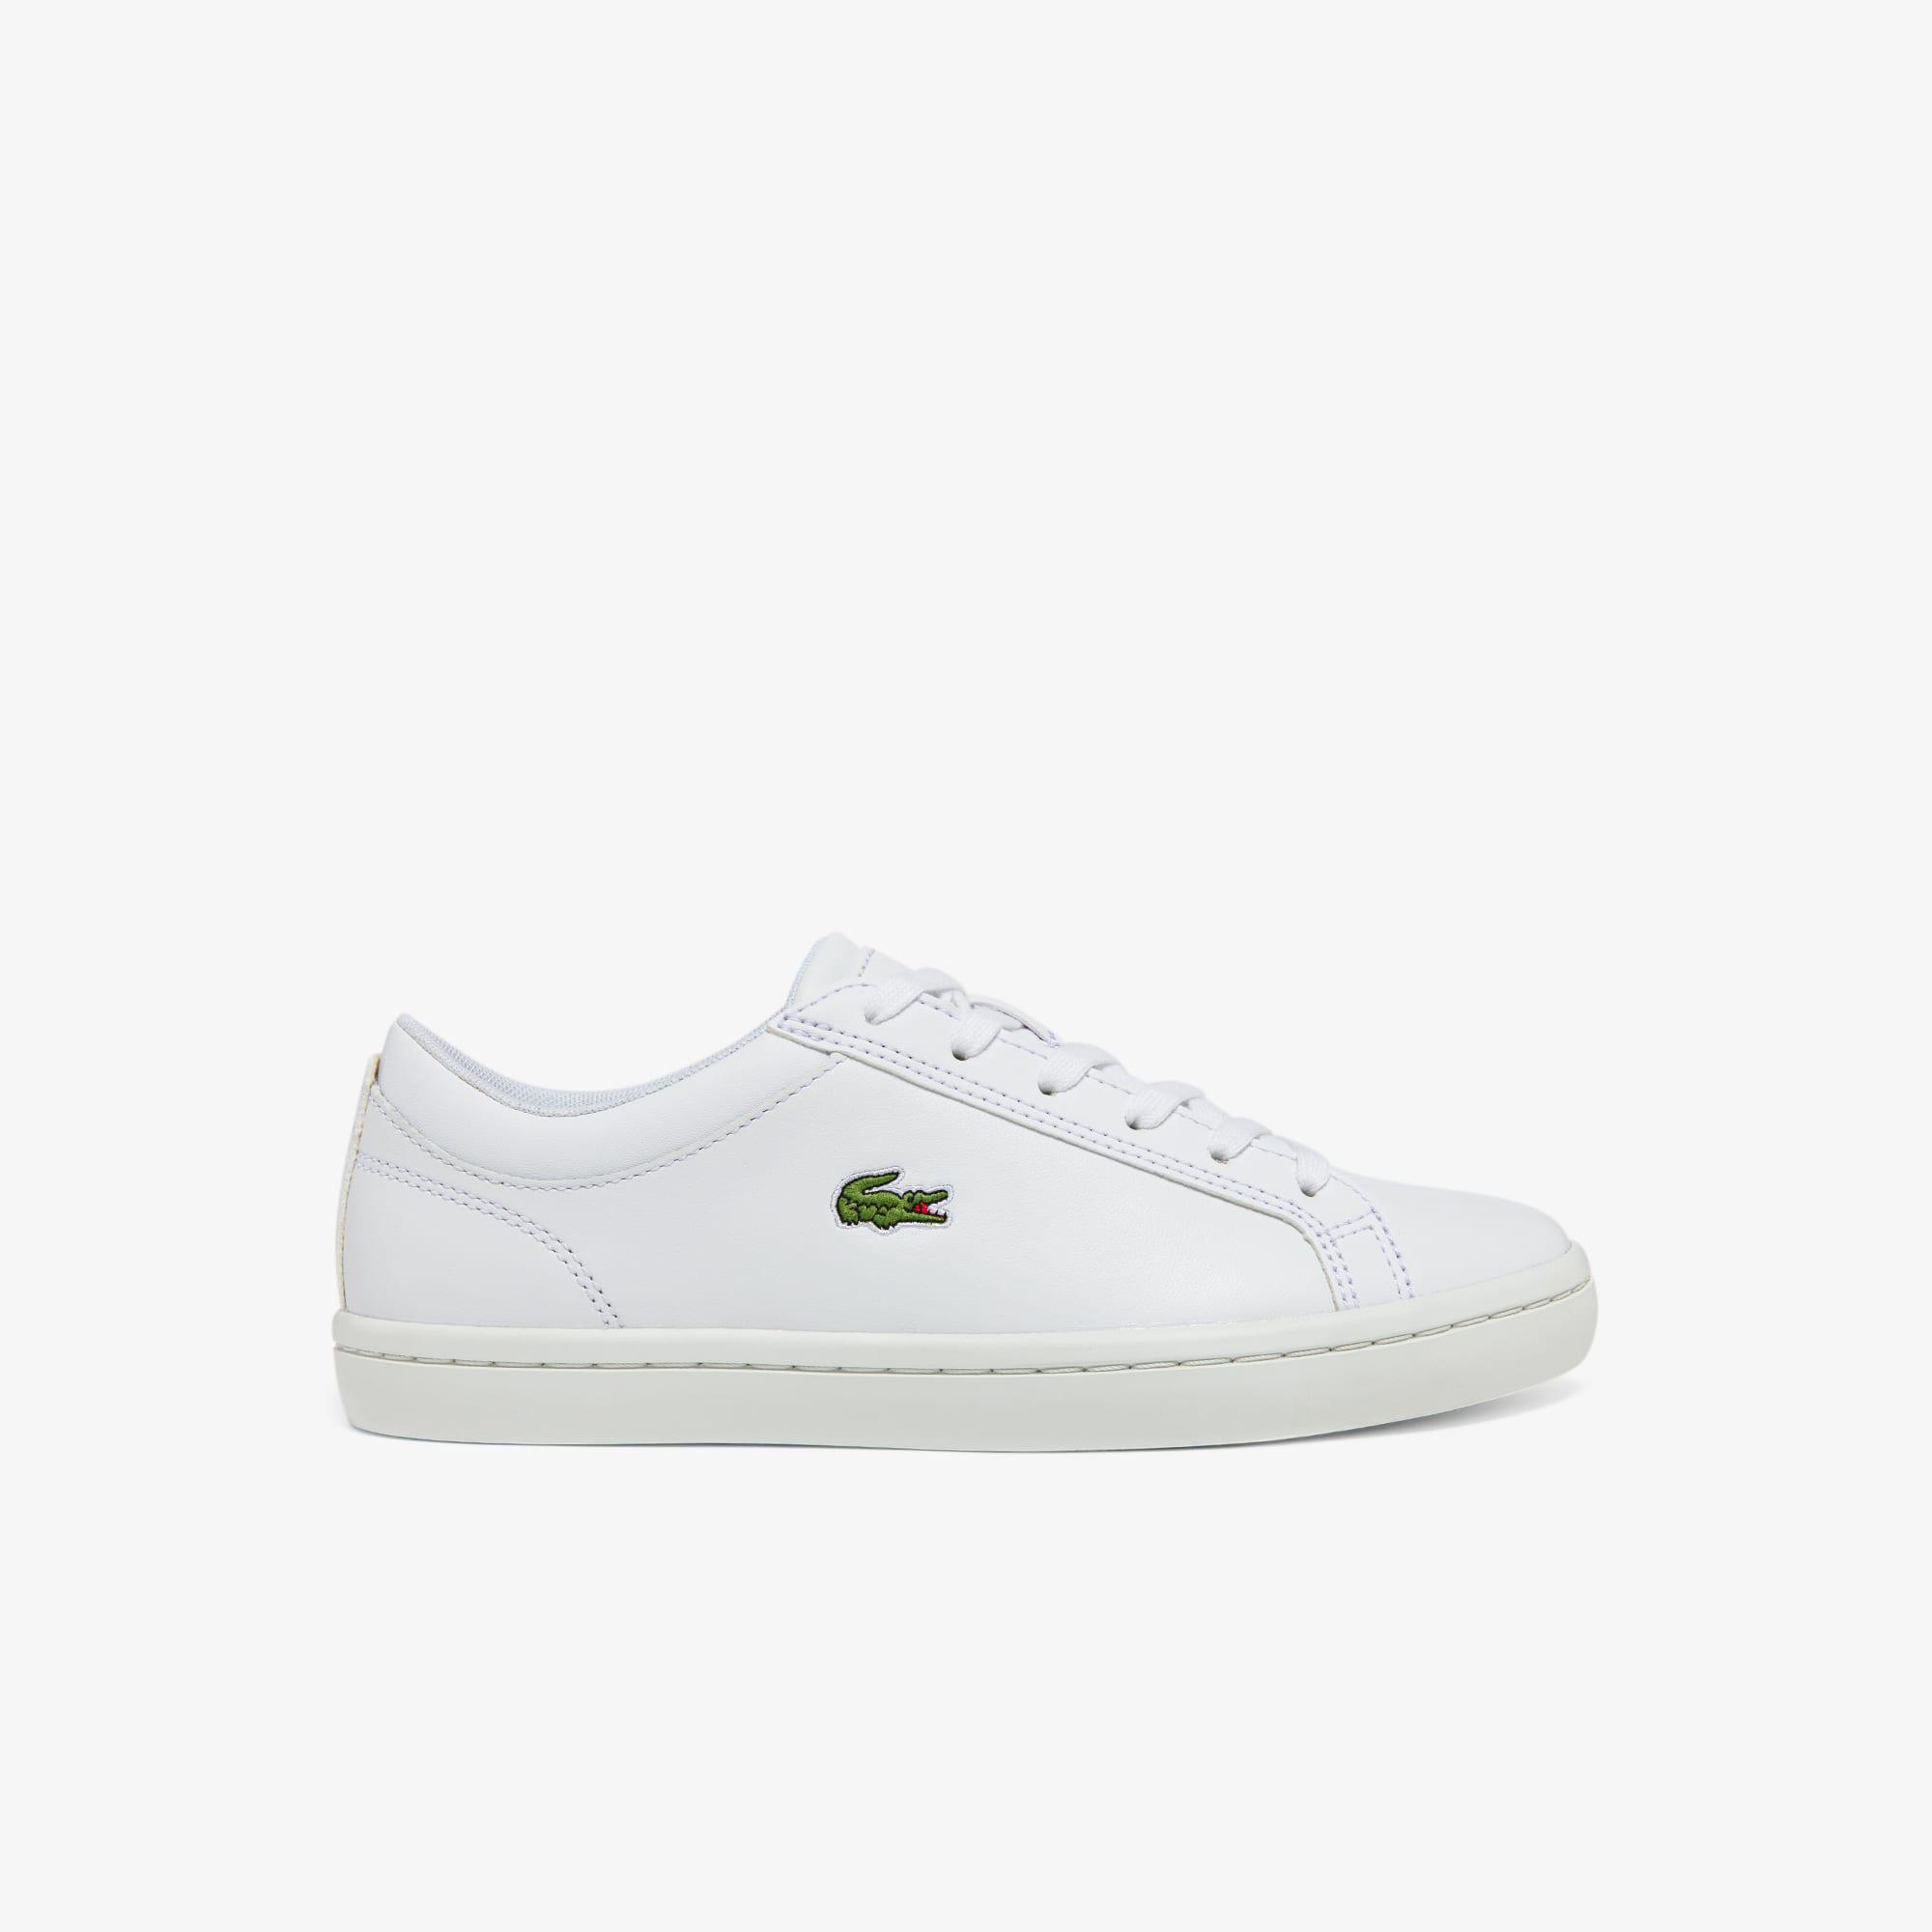 lacoste shoes 11941, OFF 77%,Best Deals